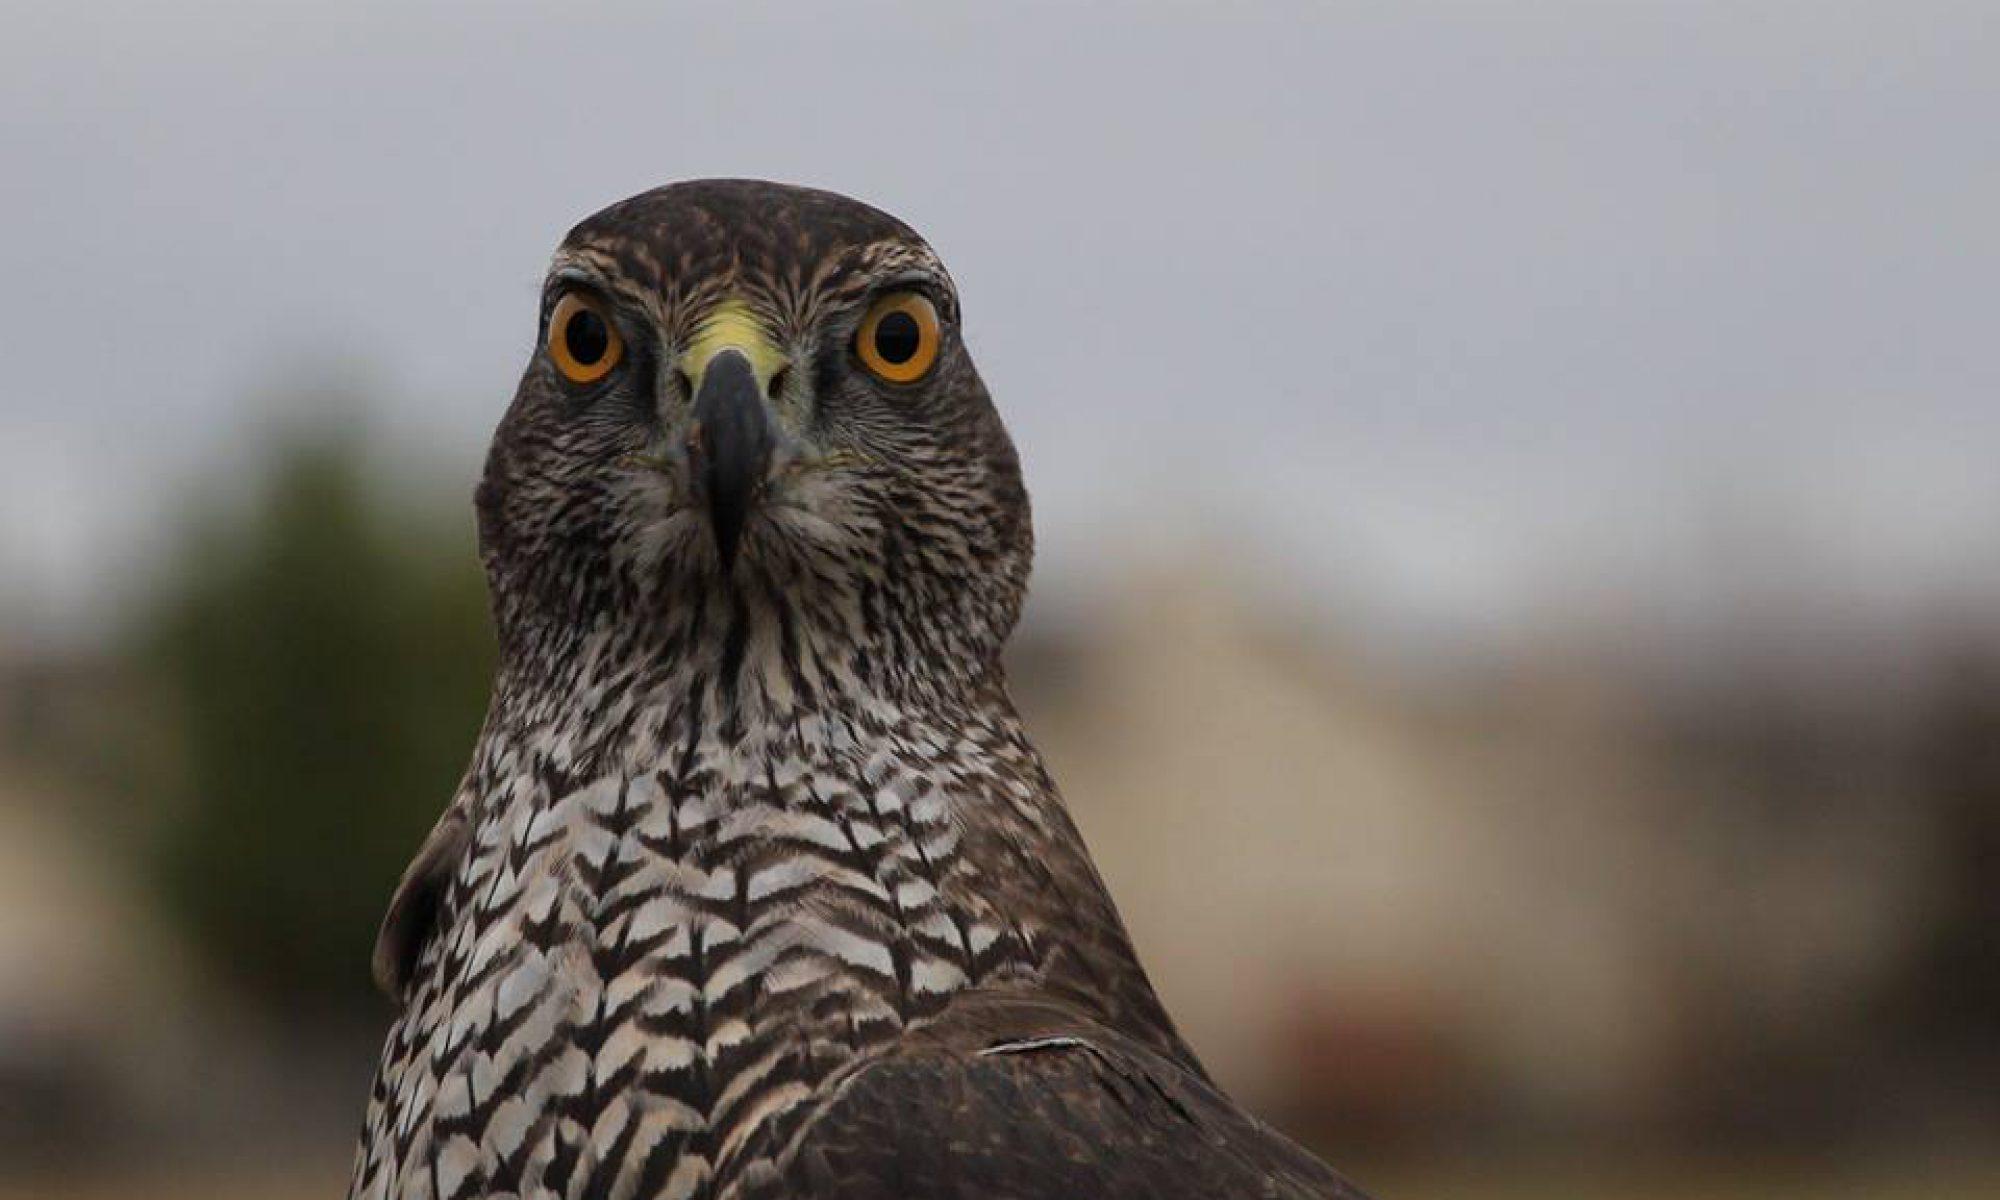 AQFA - Association Québécoise des Fauconniers et Autoursiers